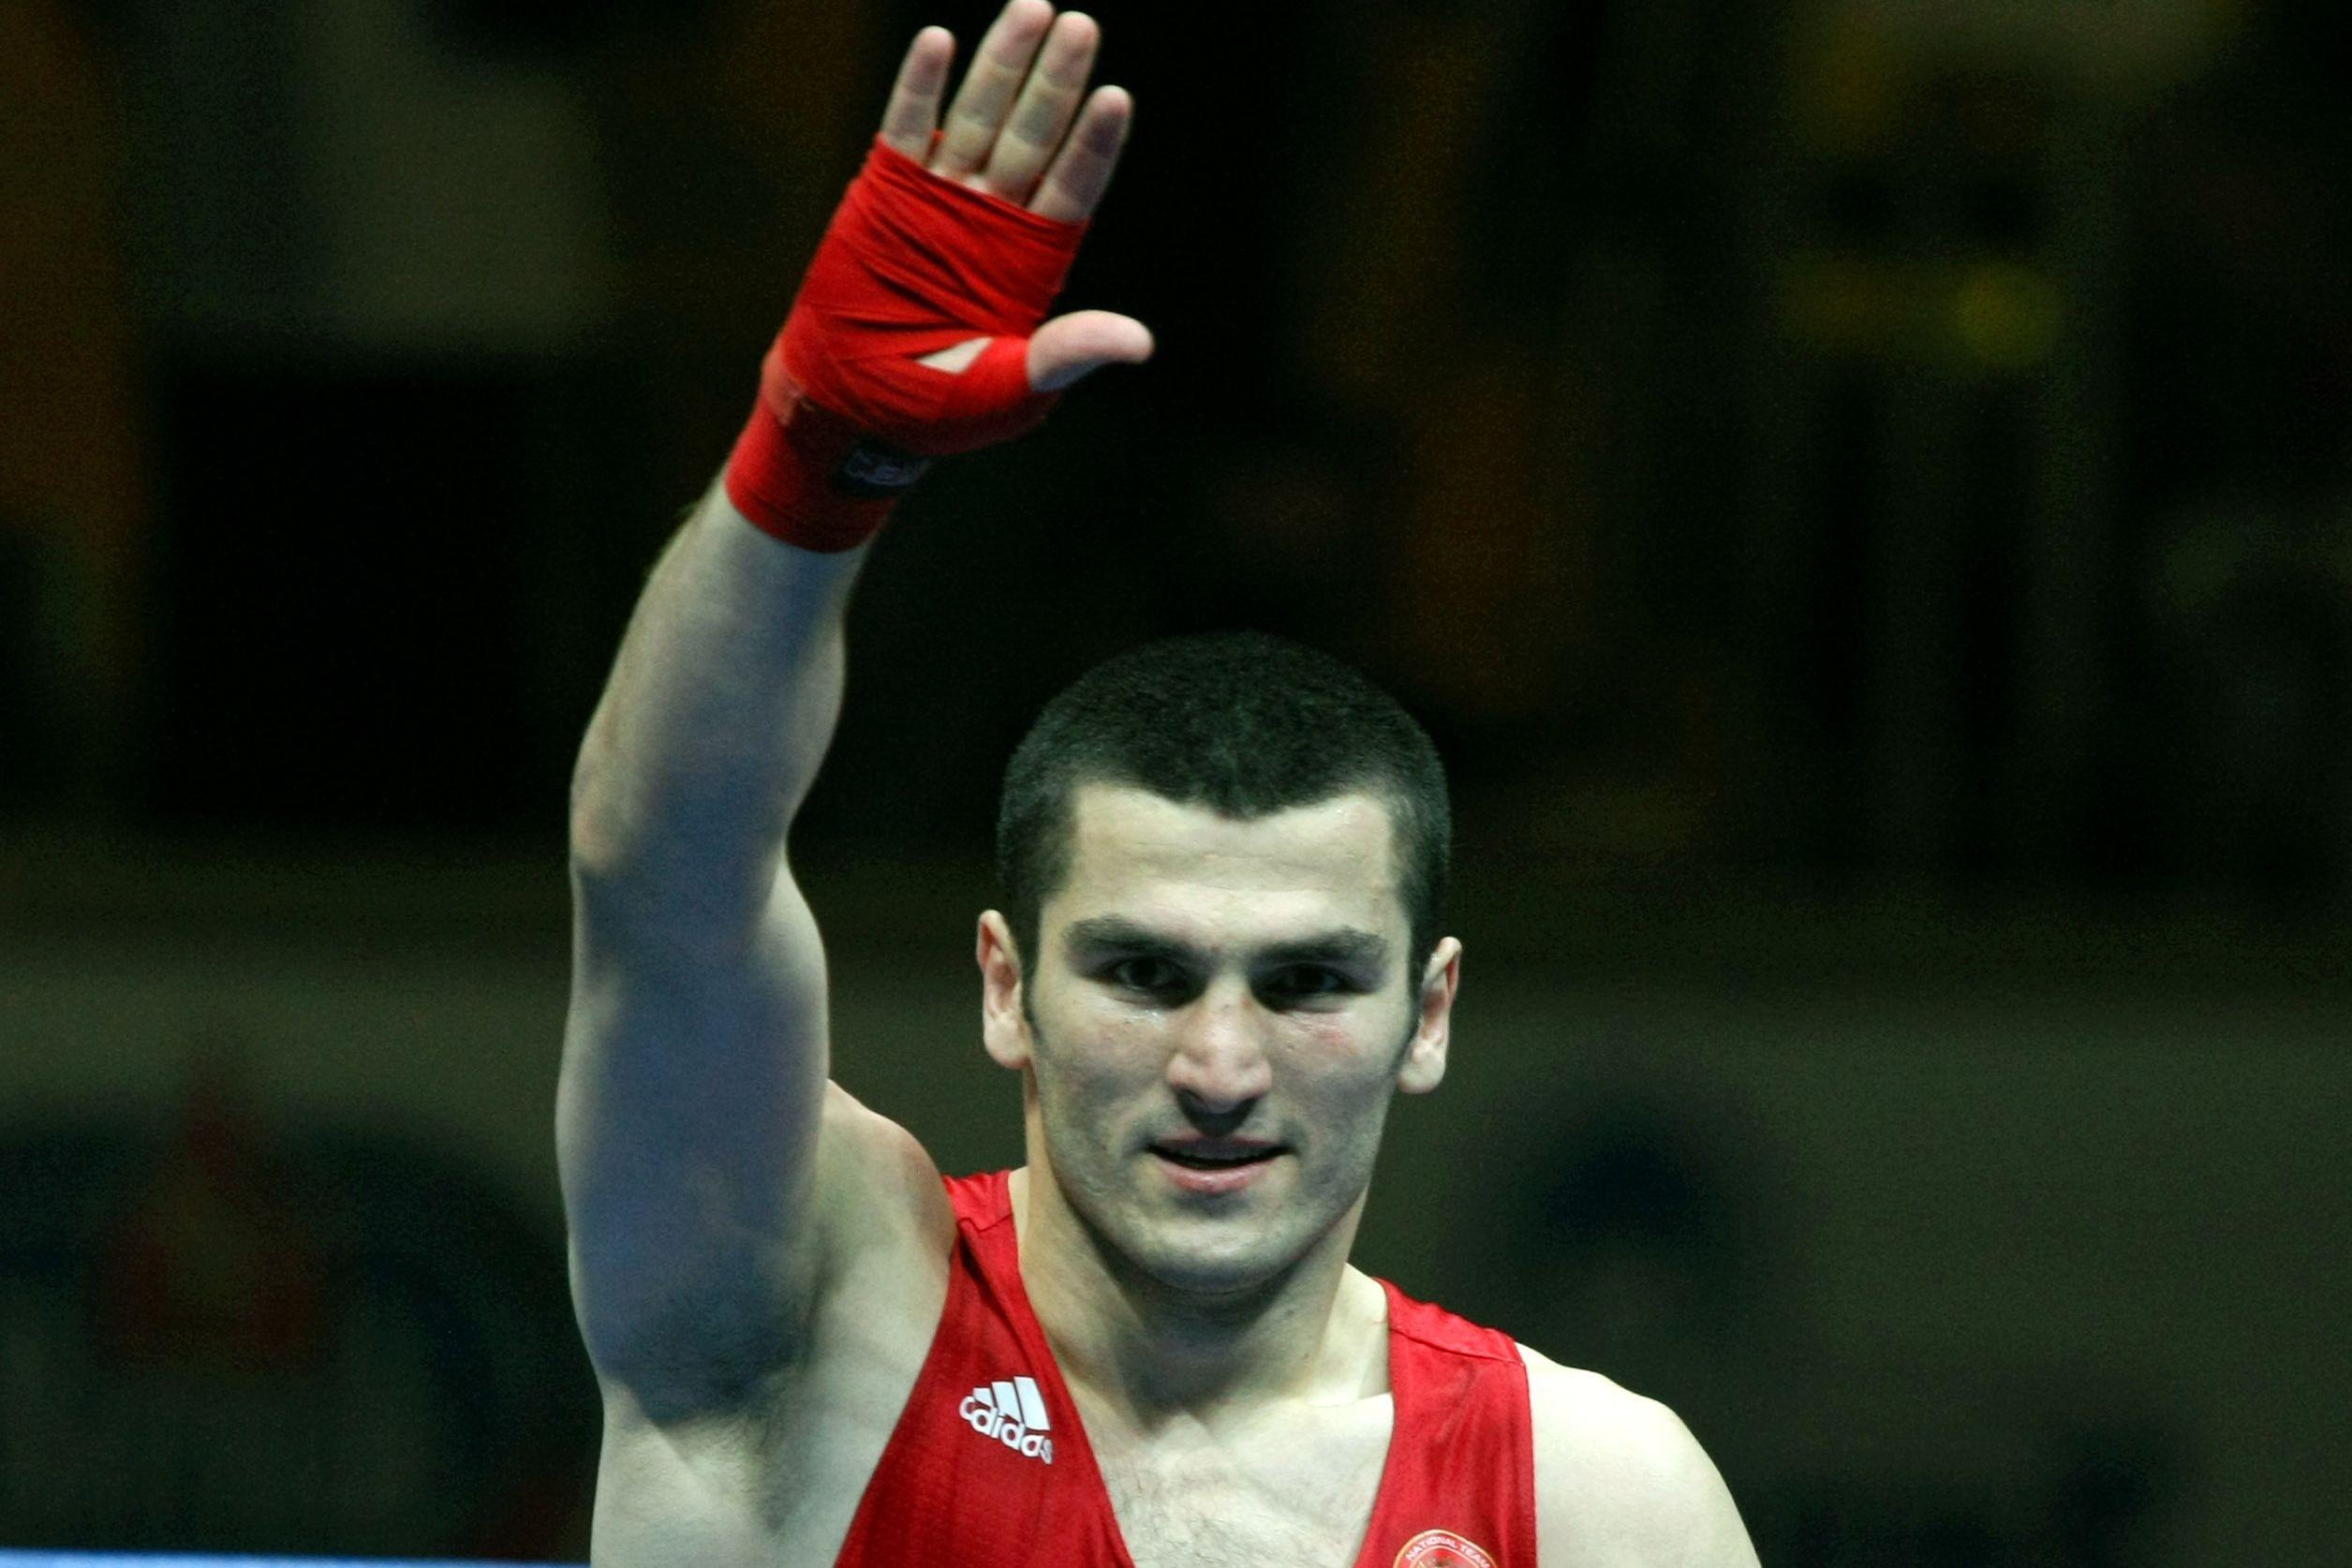 Бетербиев: 'Уайт боксировал более осторожно и собранно, чем Поветкин'